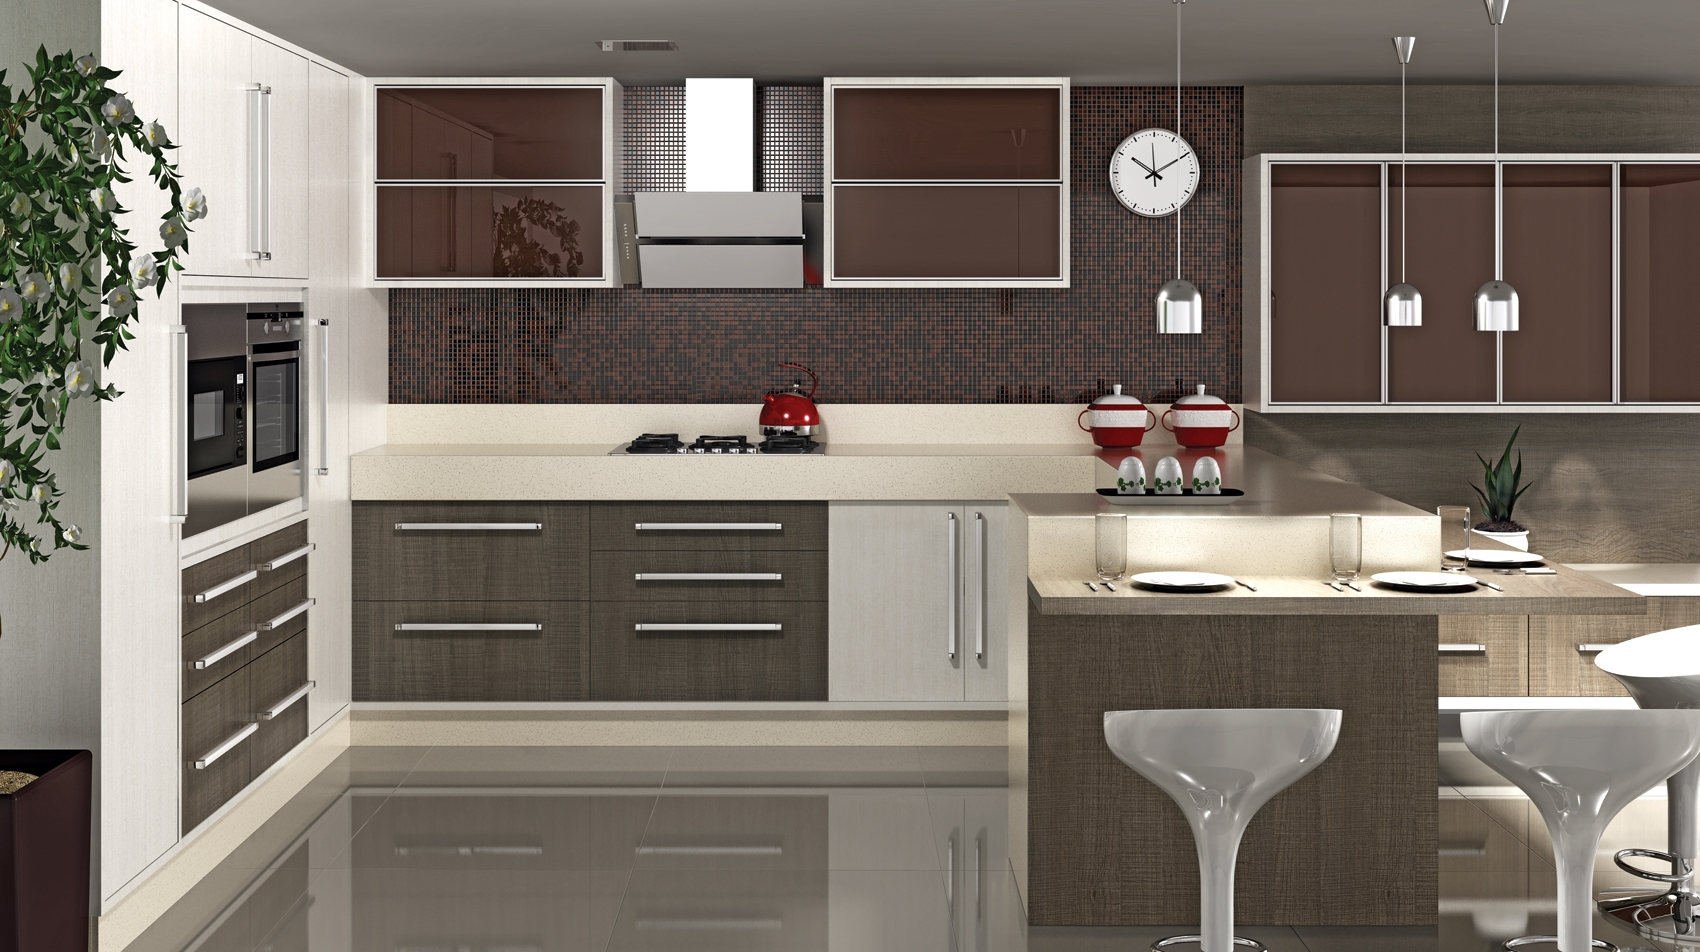 Cozinha sob Medida na Zona Norte - Cozinha Planejada para Apartamento